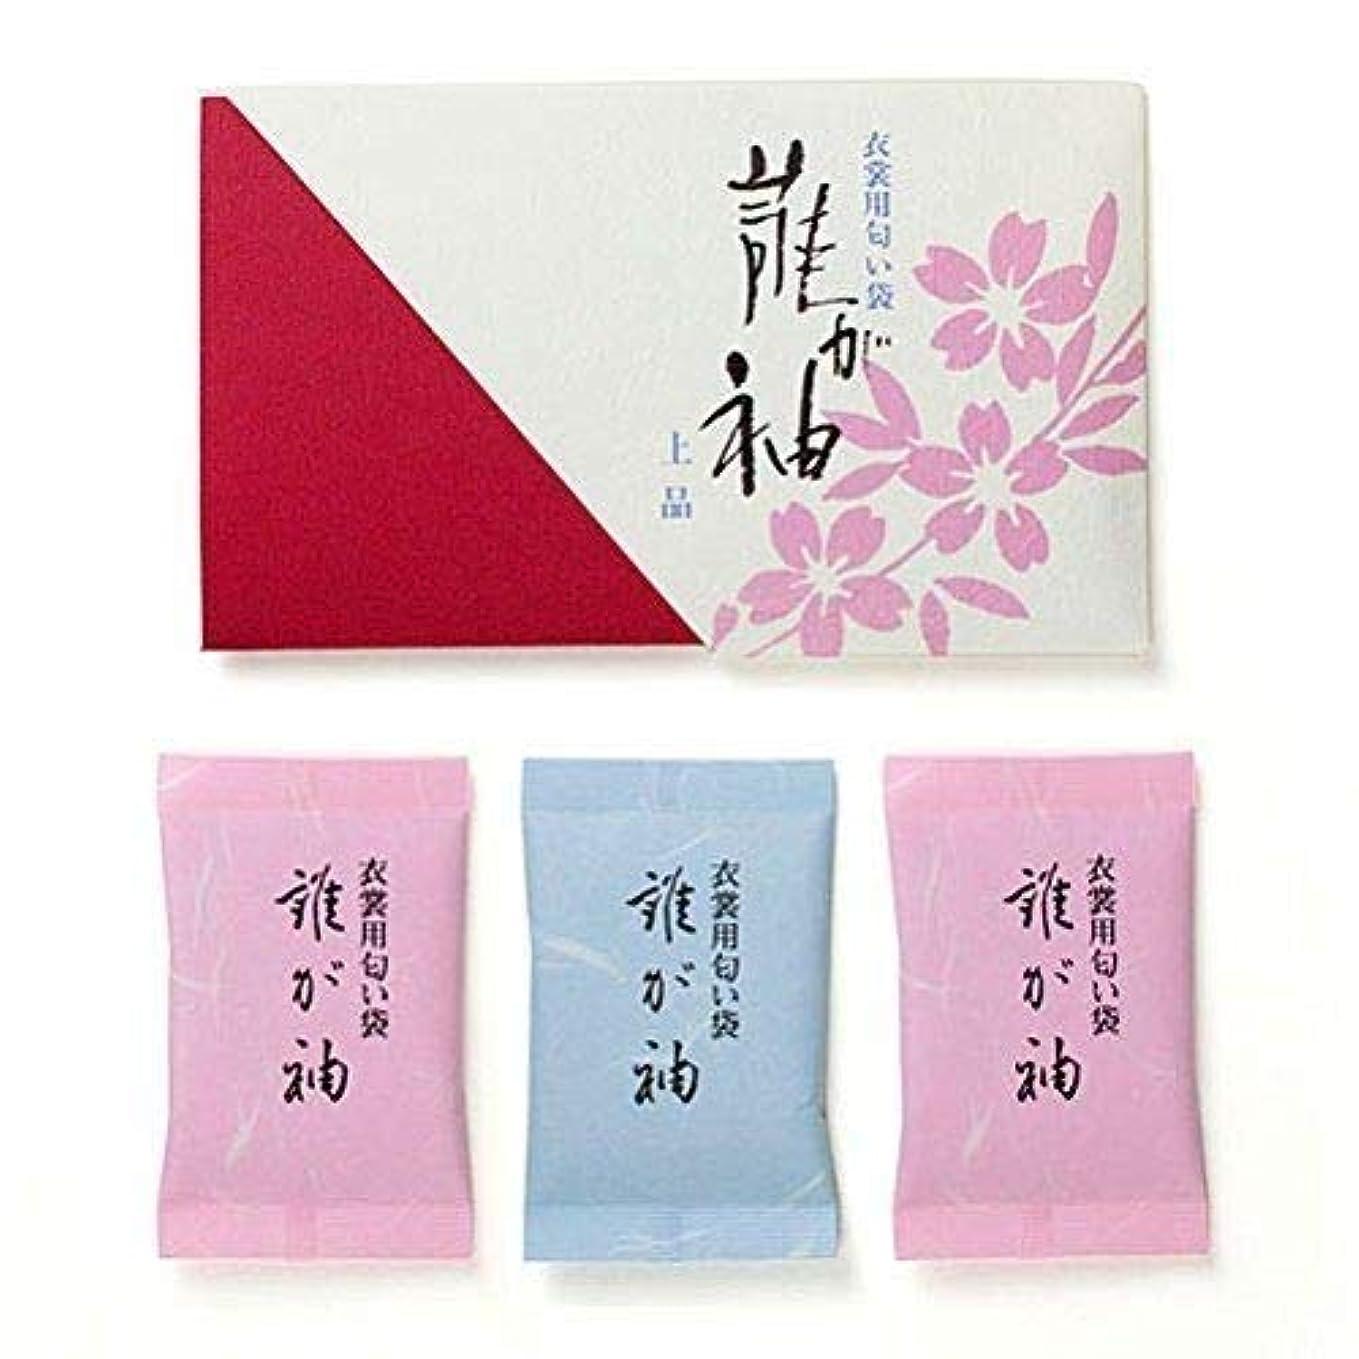 染色入り口分析する誰が袖 衣裳用3入 上品 松栄堂 Shoyeido 衣装用 匂い袋